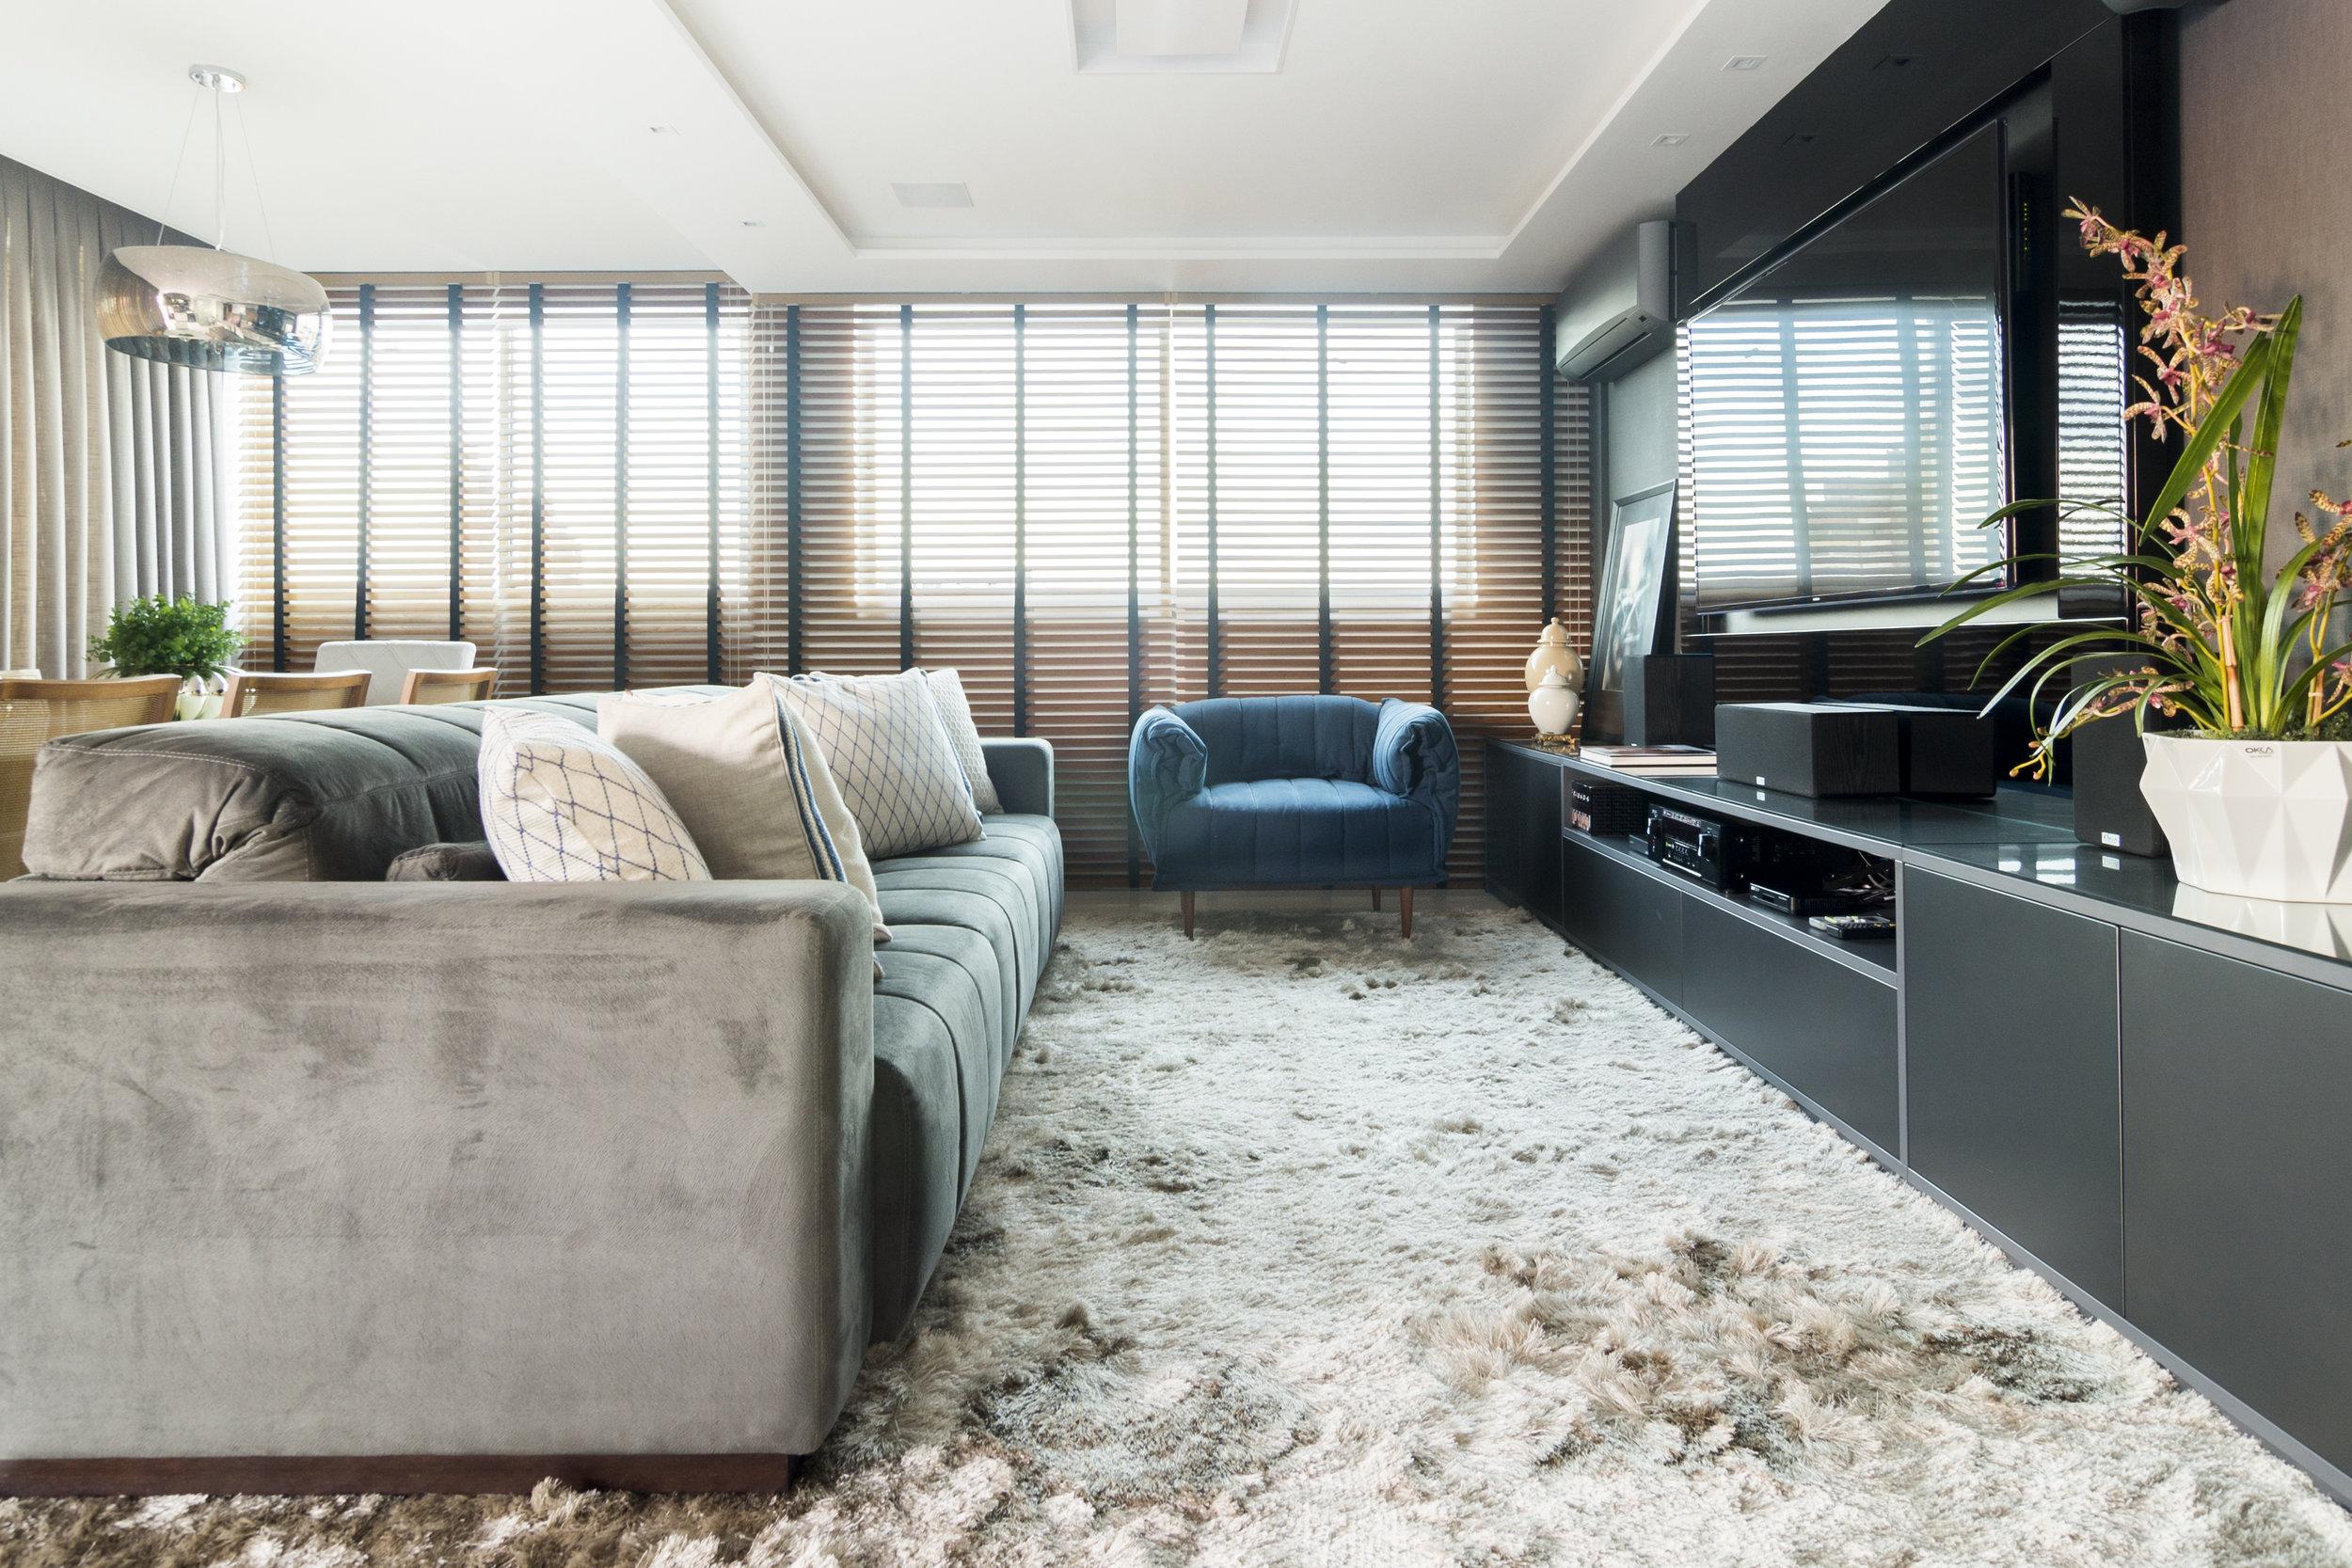 projeto-arquitetonico-robertoindira-duo-arquitetura-apartamentos-gourmet-01.jpg